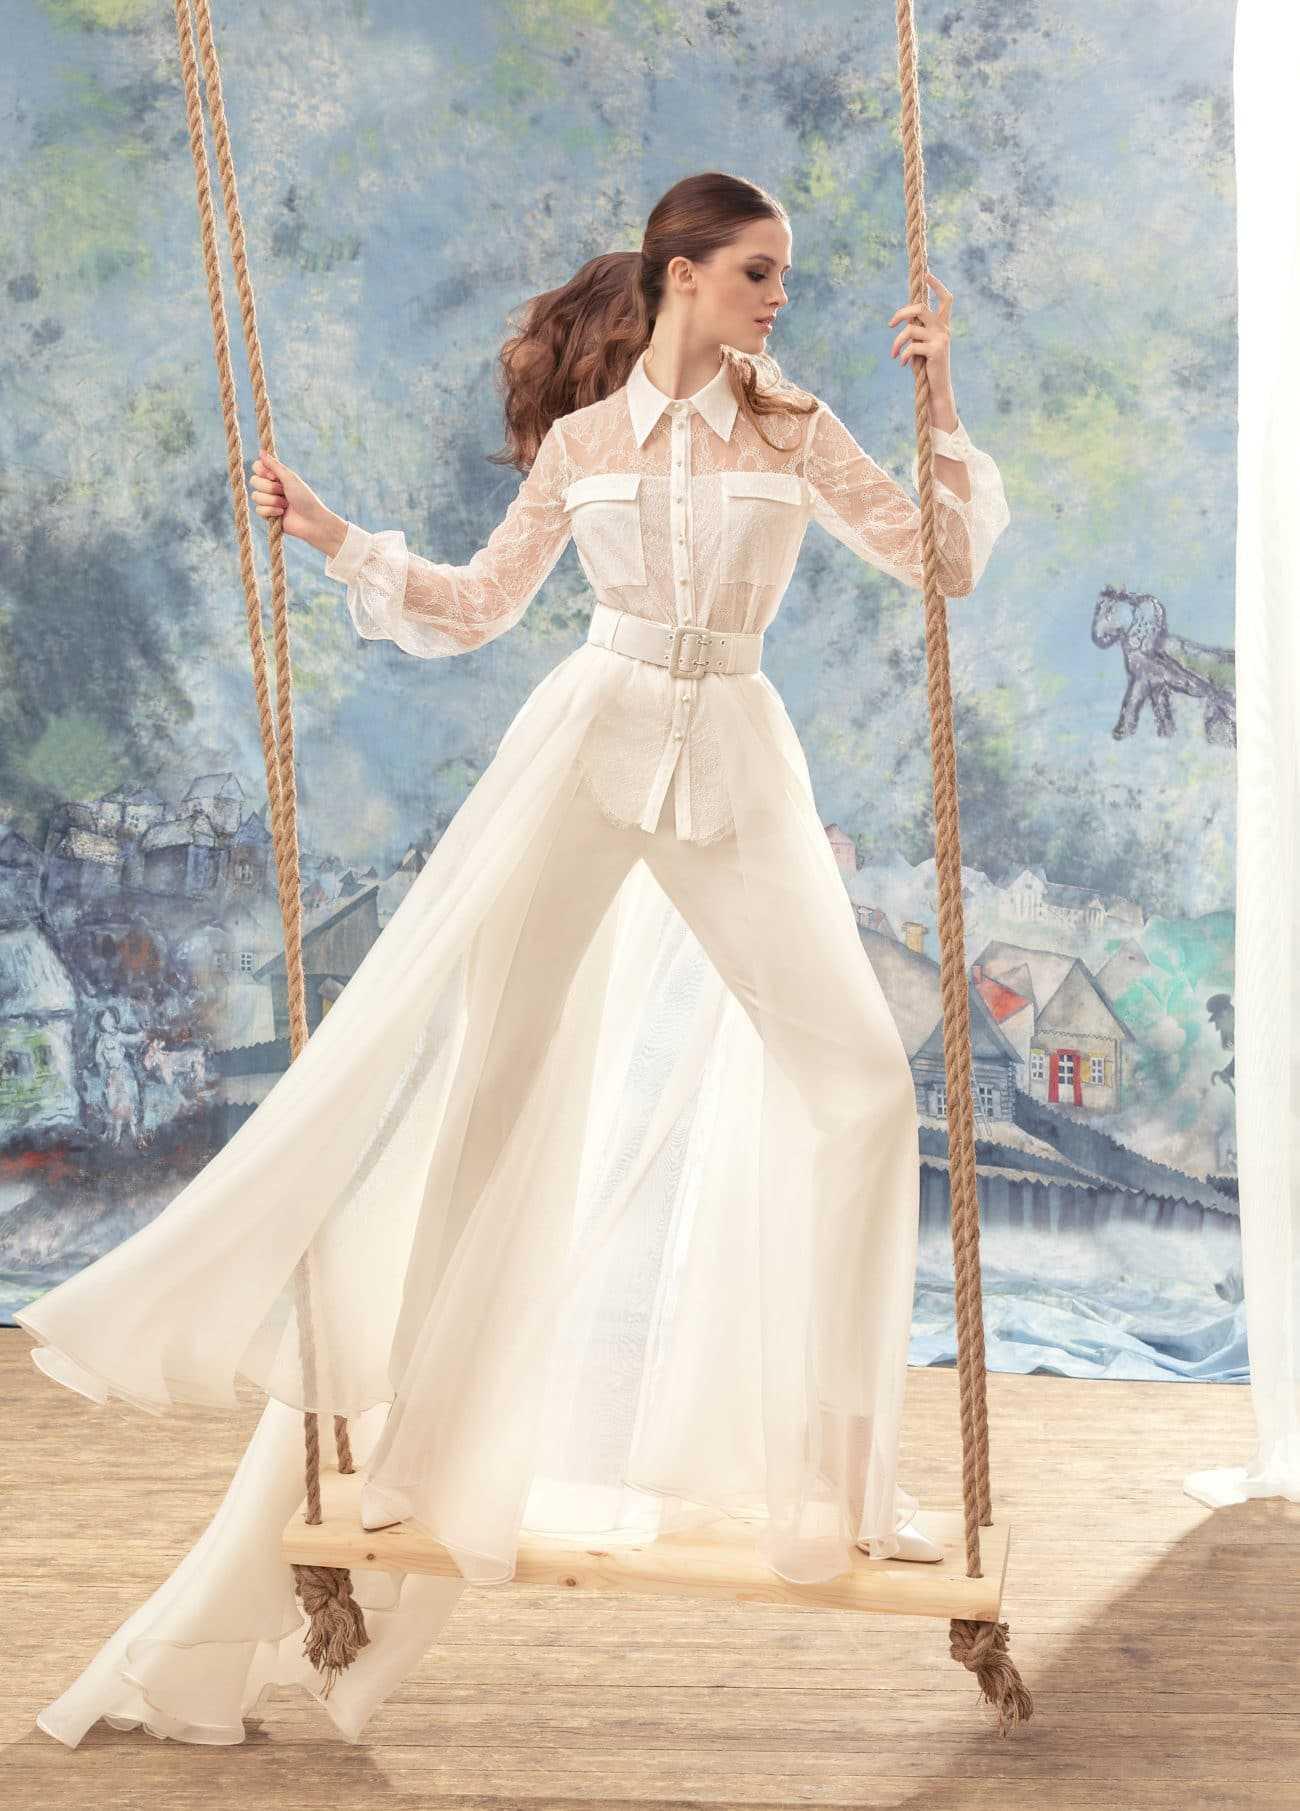 Lassig Cool Und Schwungvoll Das Hosenkleid Fur Die Braut